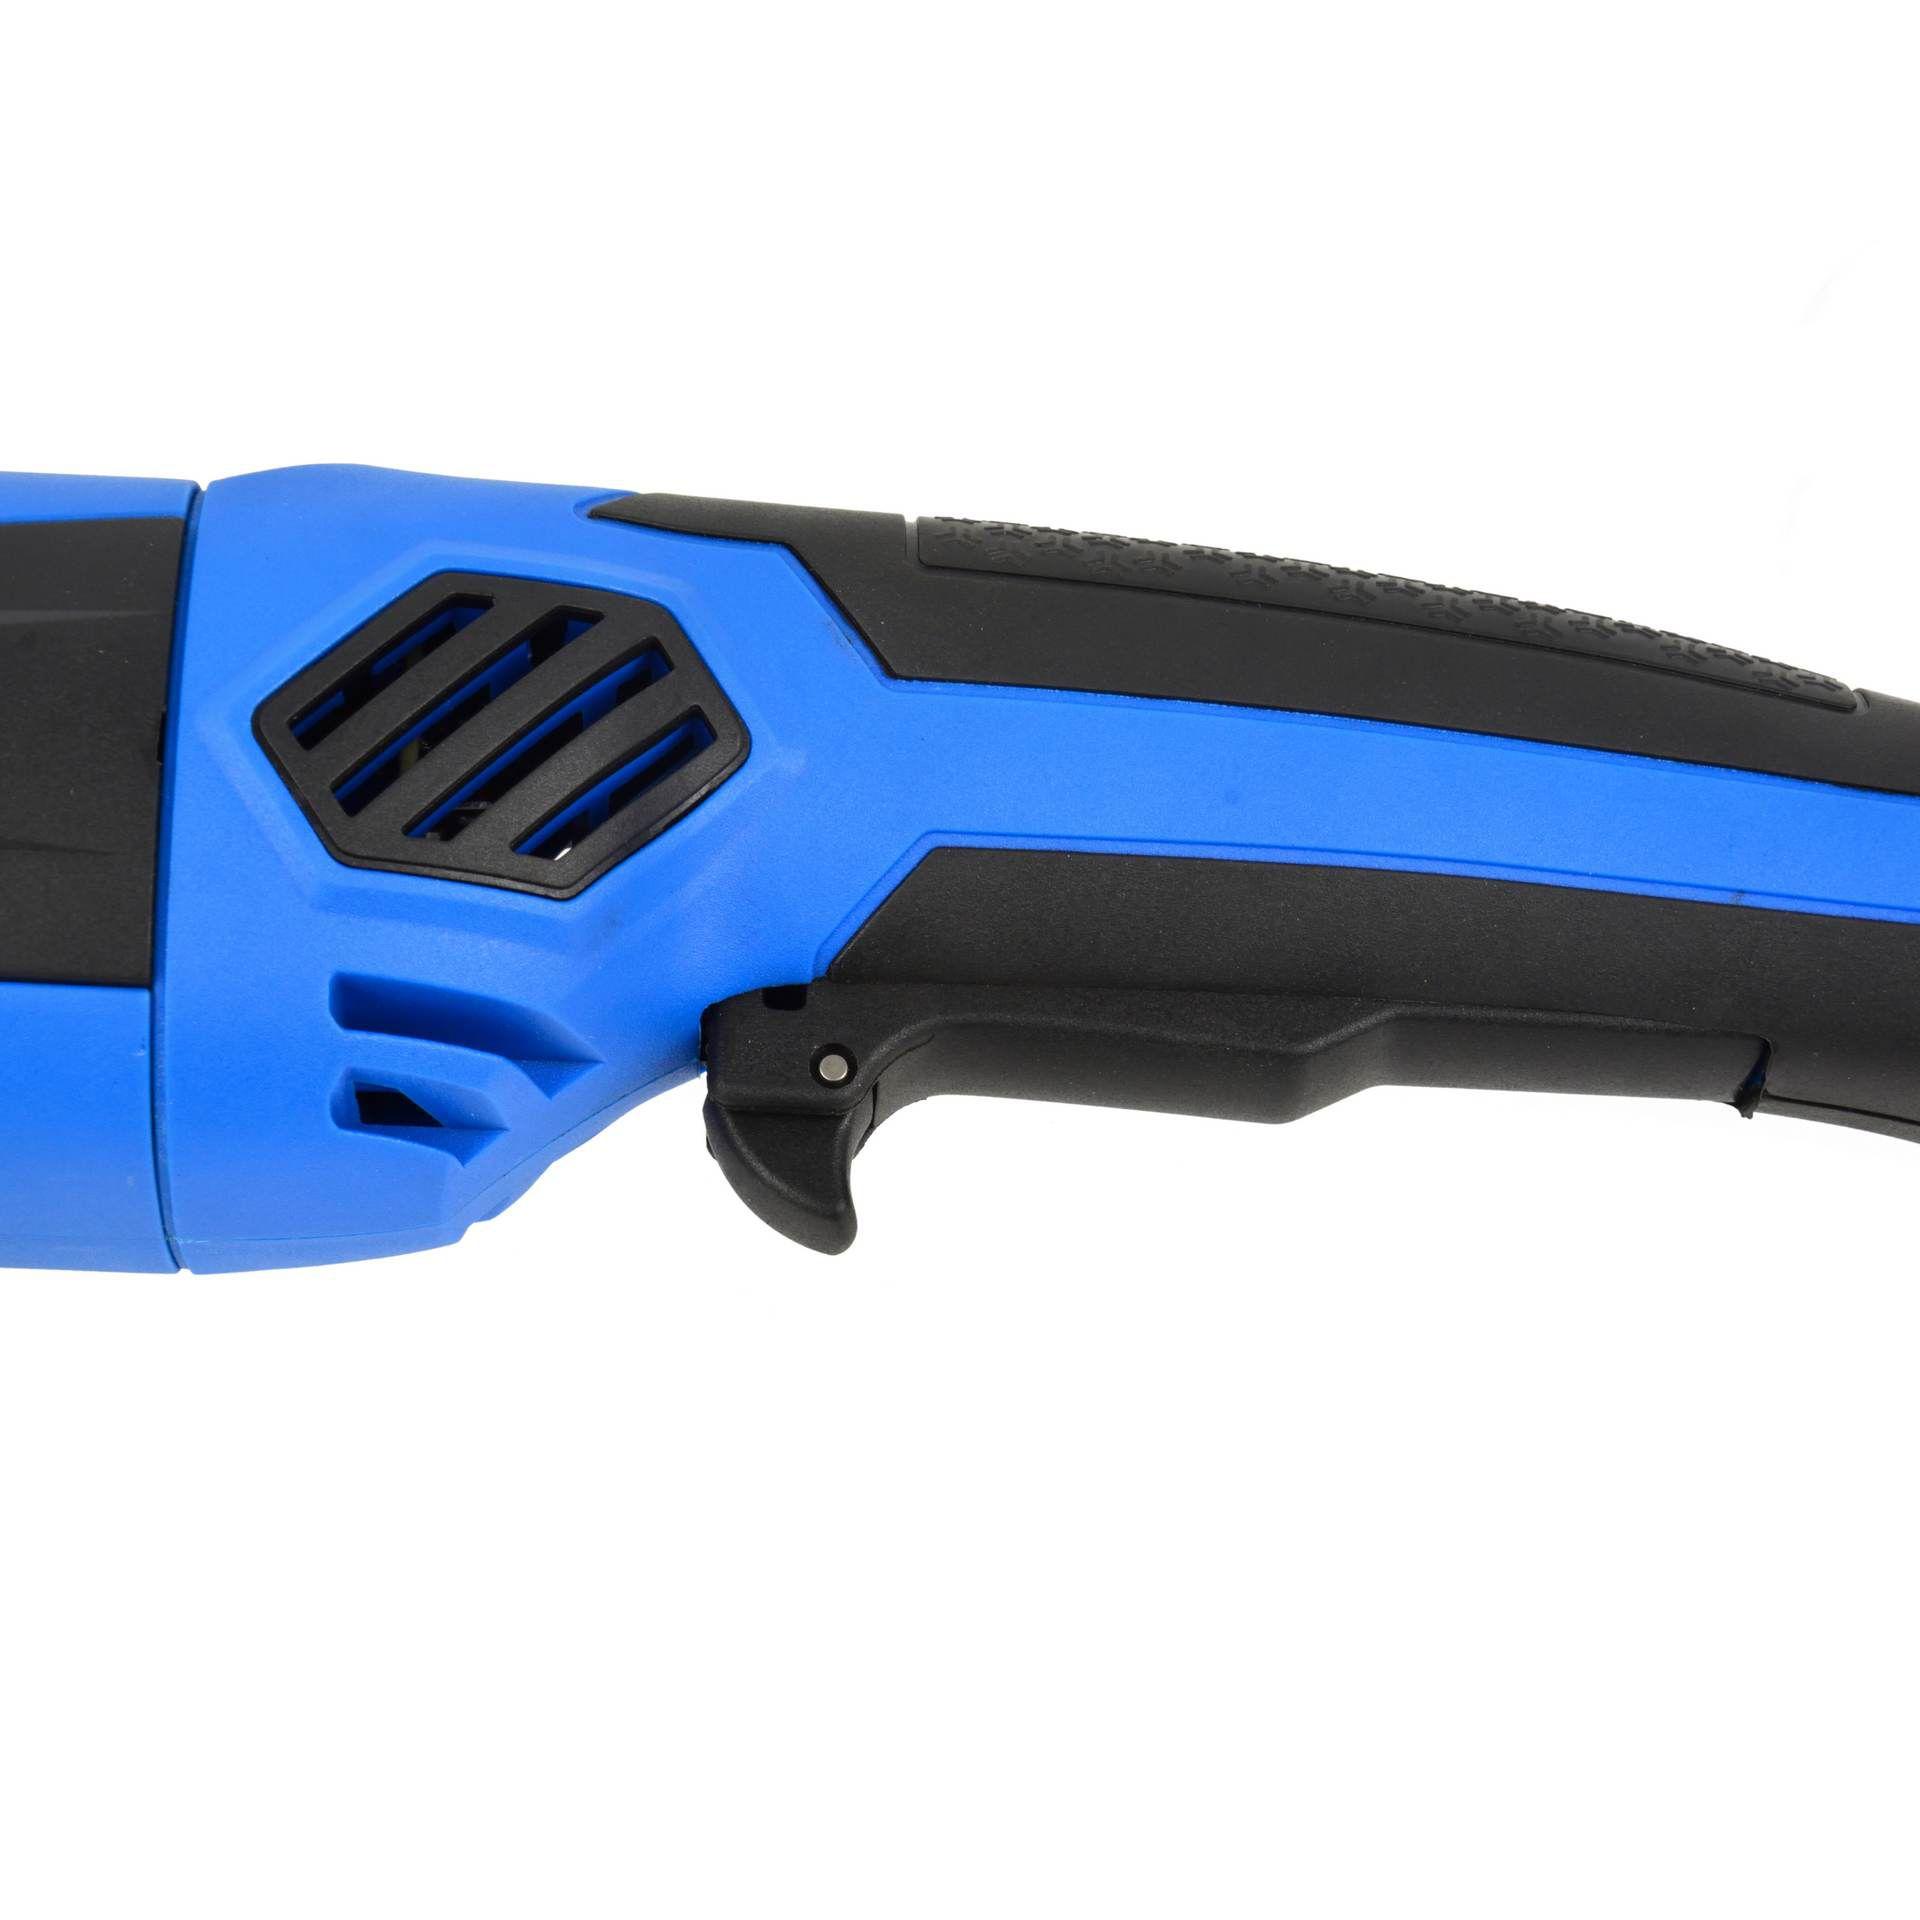 Szlifierka kątowa 125 mm z regulacją obrotów, długa rączka GEKO 5